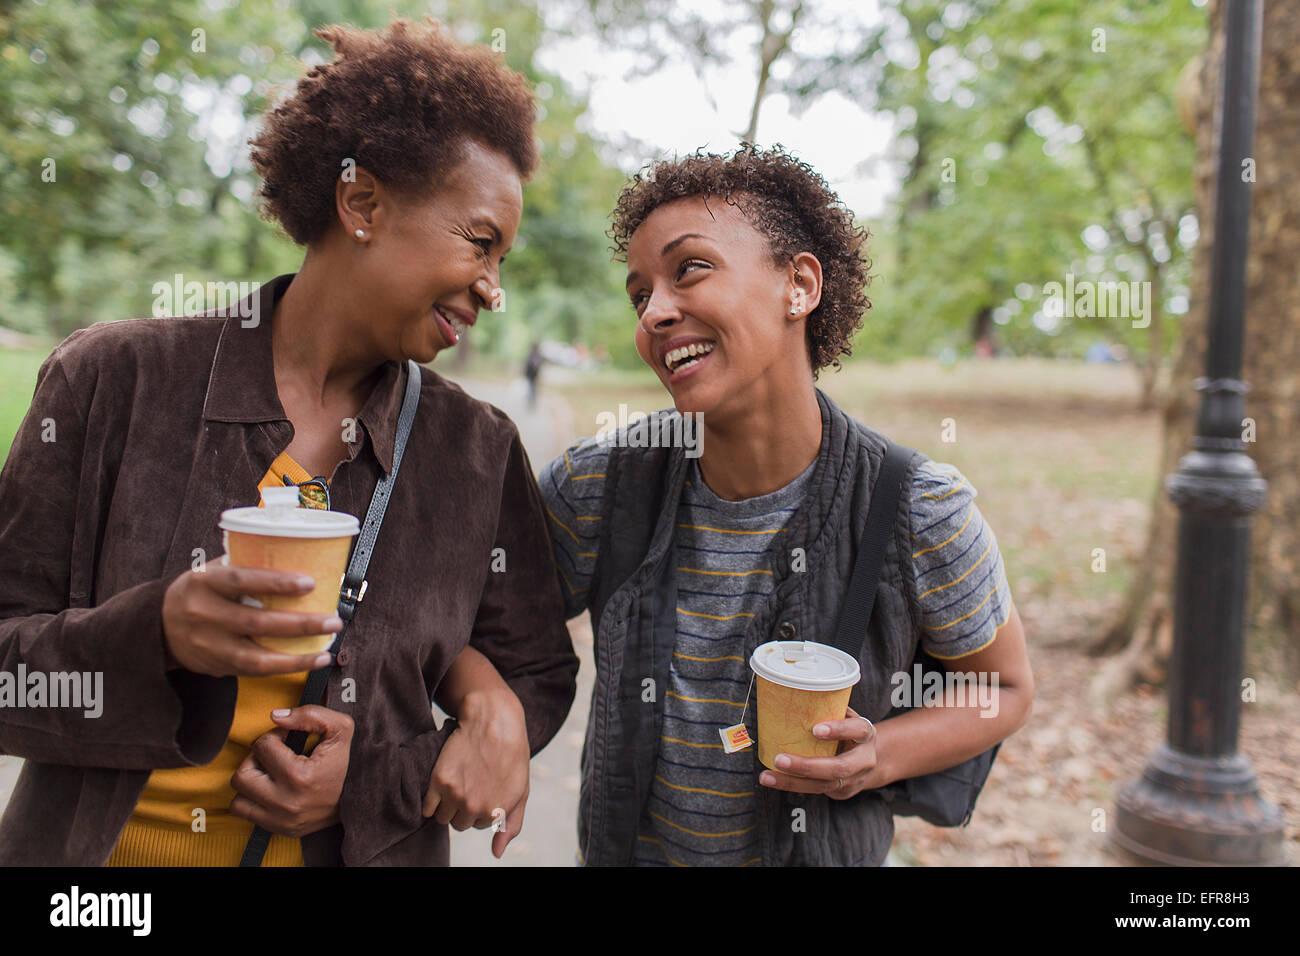 Dos amigos de hembras maduras de beber café para llevar mientras se pasea en el parque Imagen De Stock